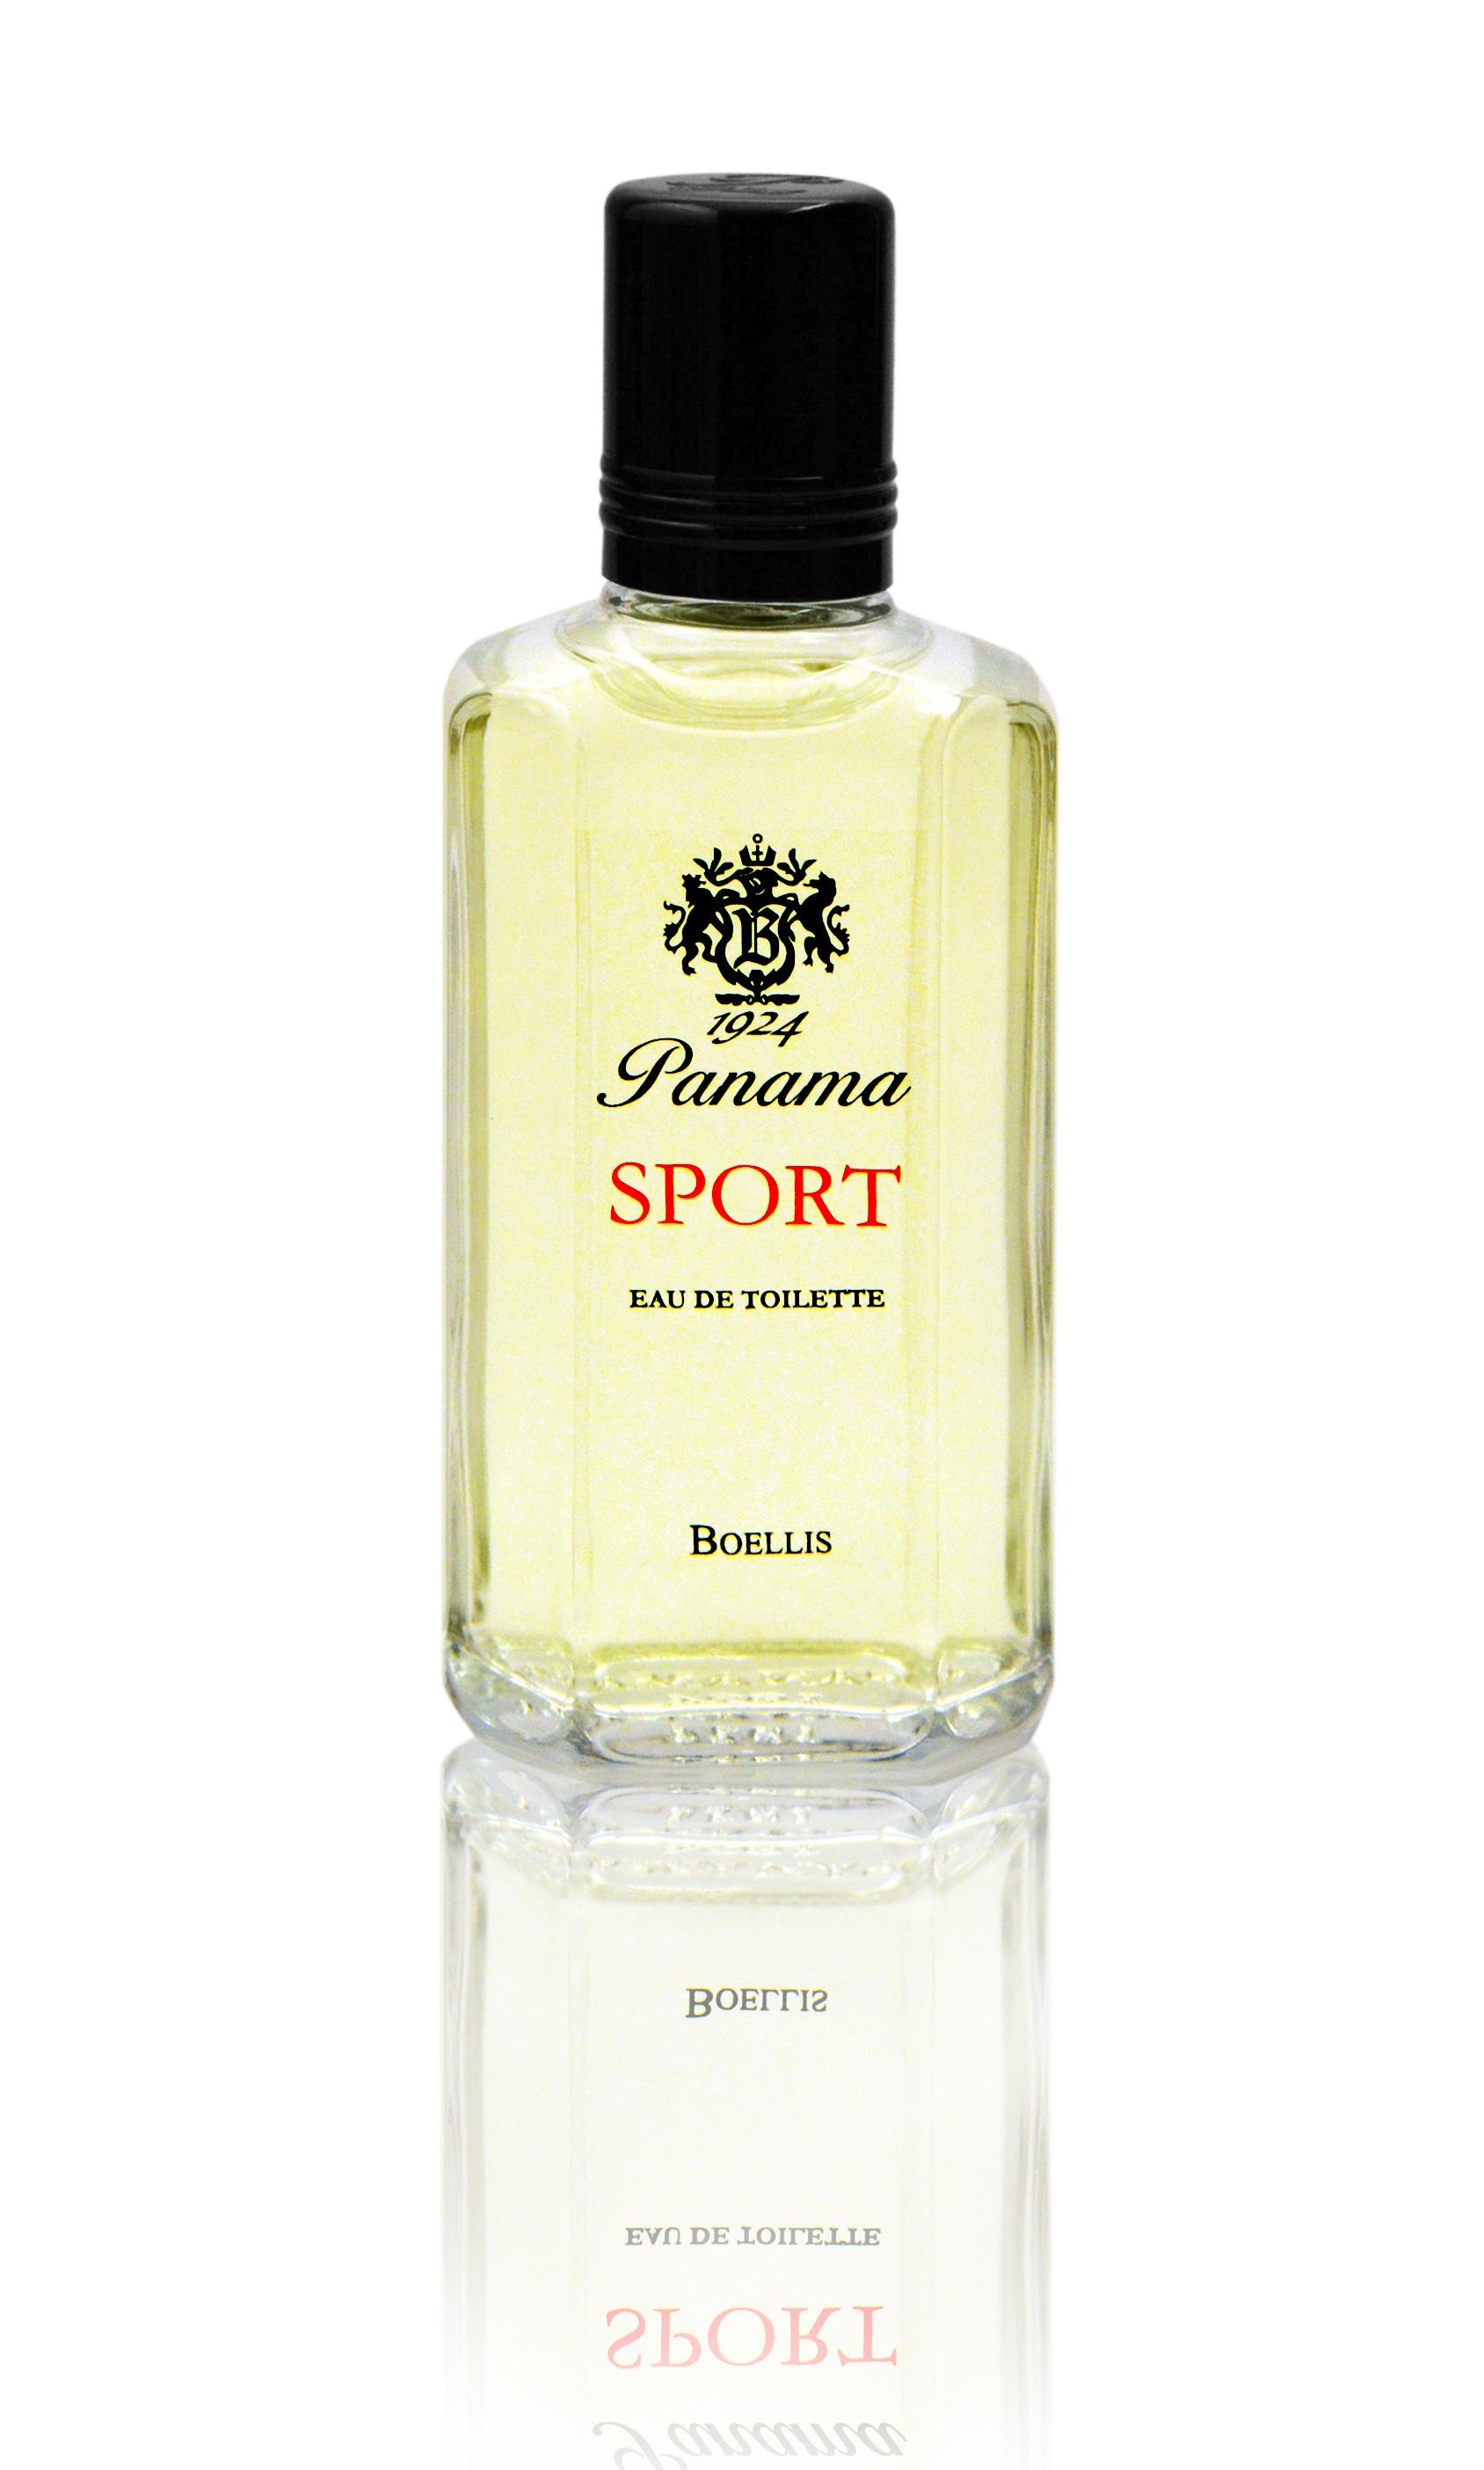 Boellis - Panama 1924 Sport Eau de Toilette 100 ml